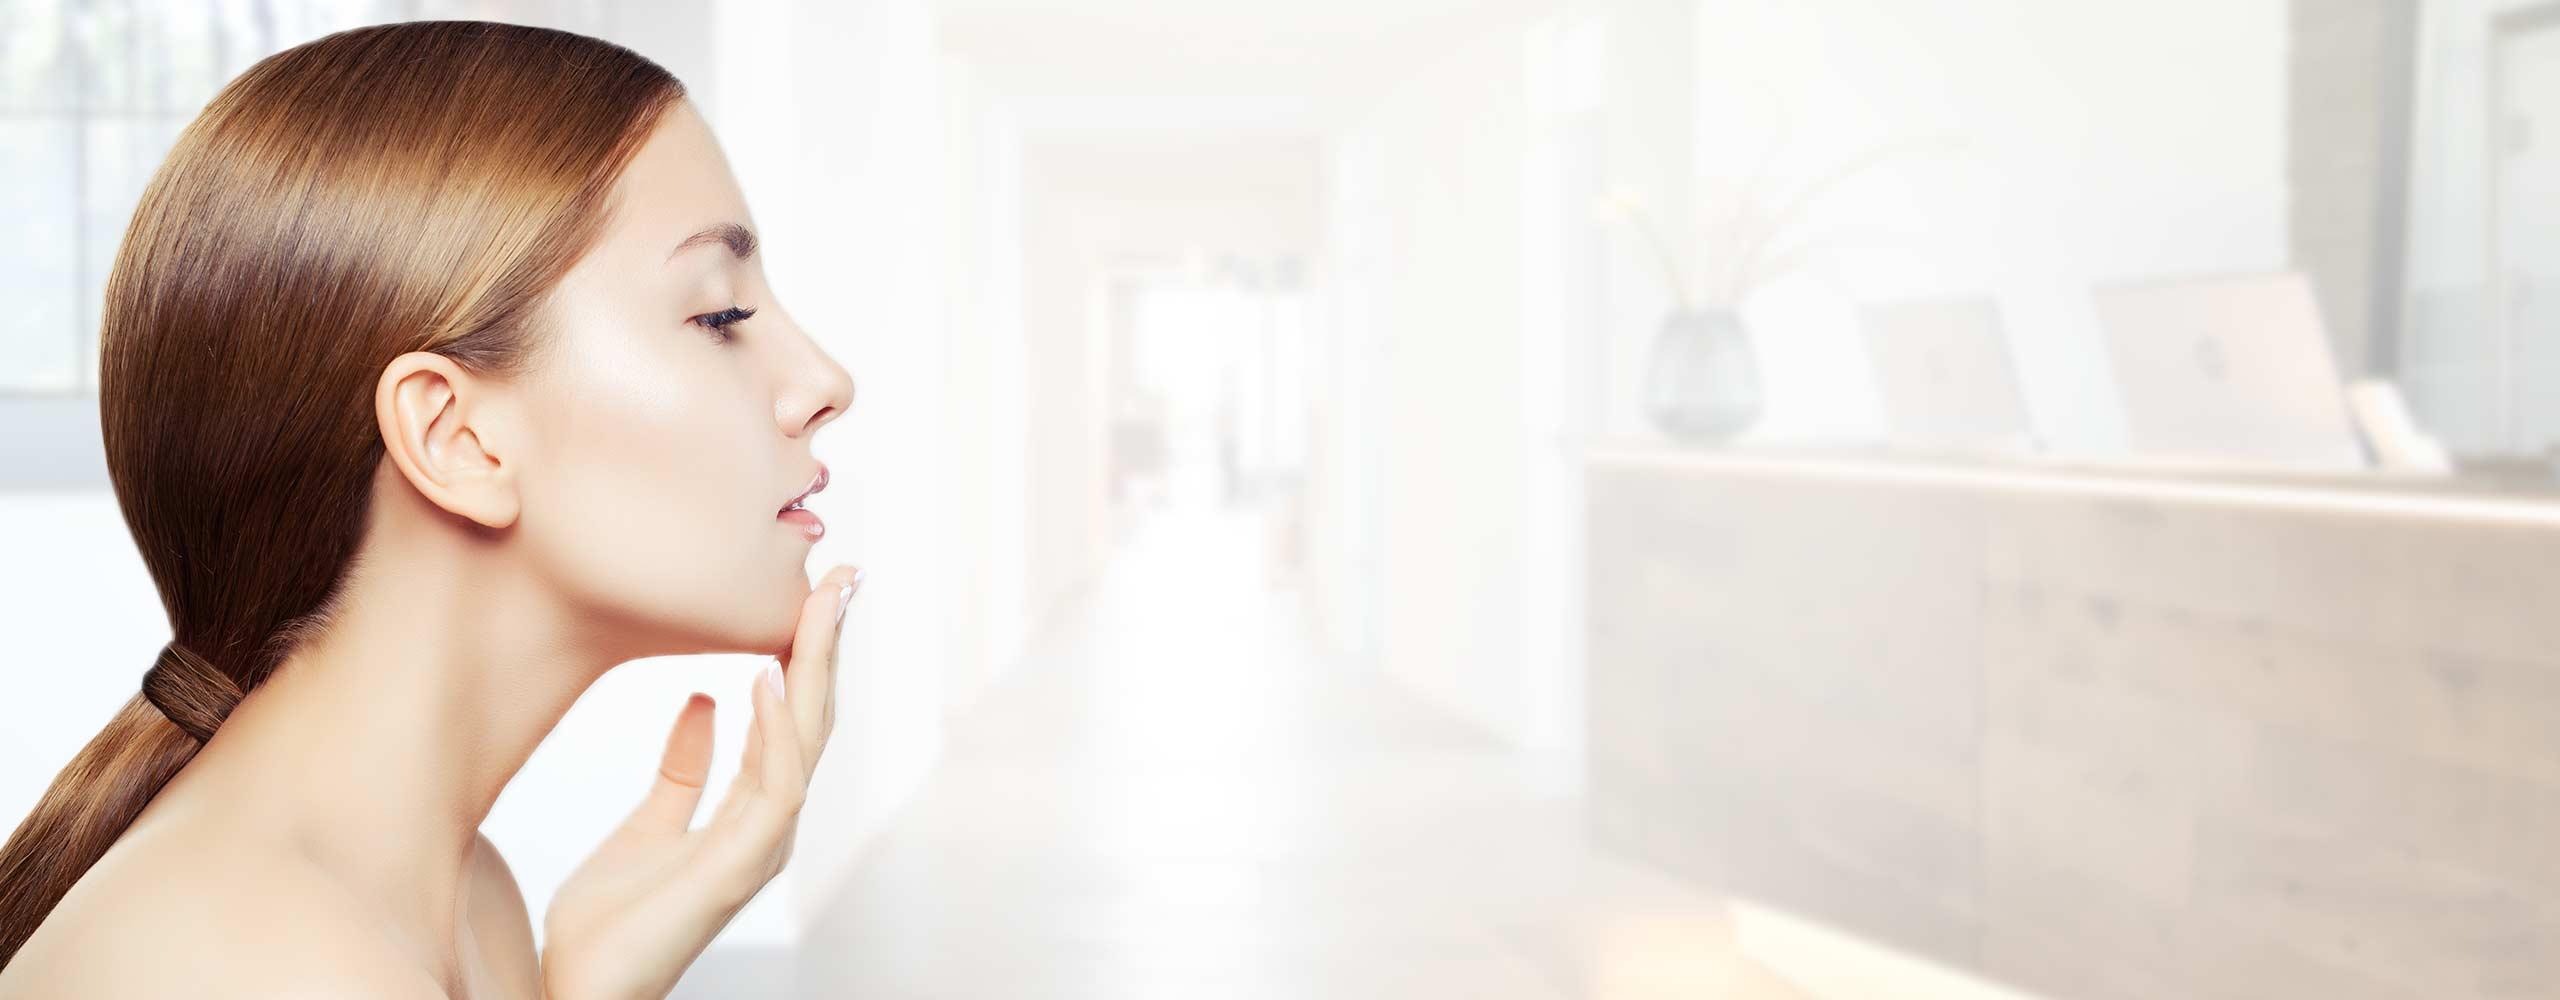 proaesthetic heidelberg schoenheitsklinik unterspritzungen nasenkorrektur